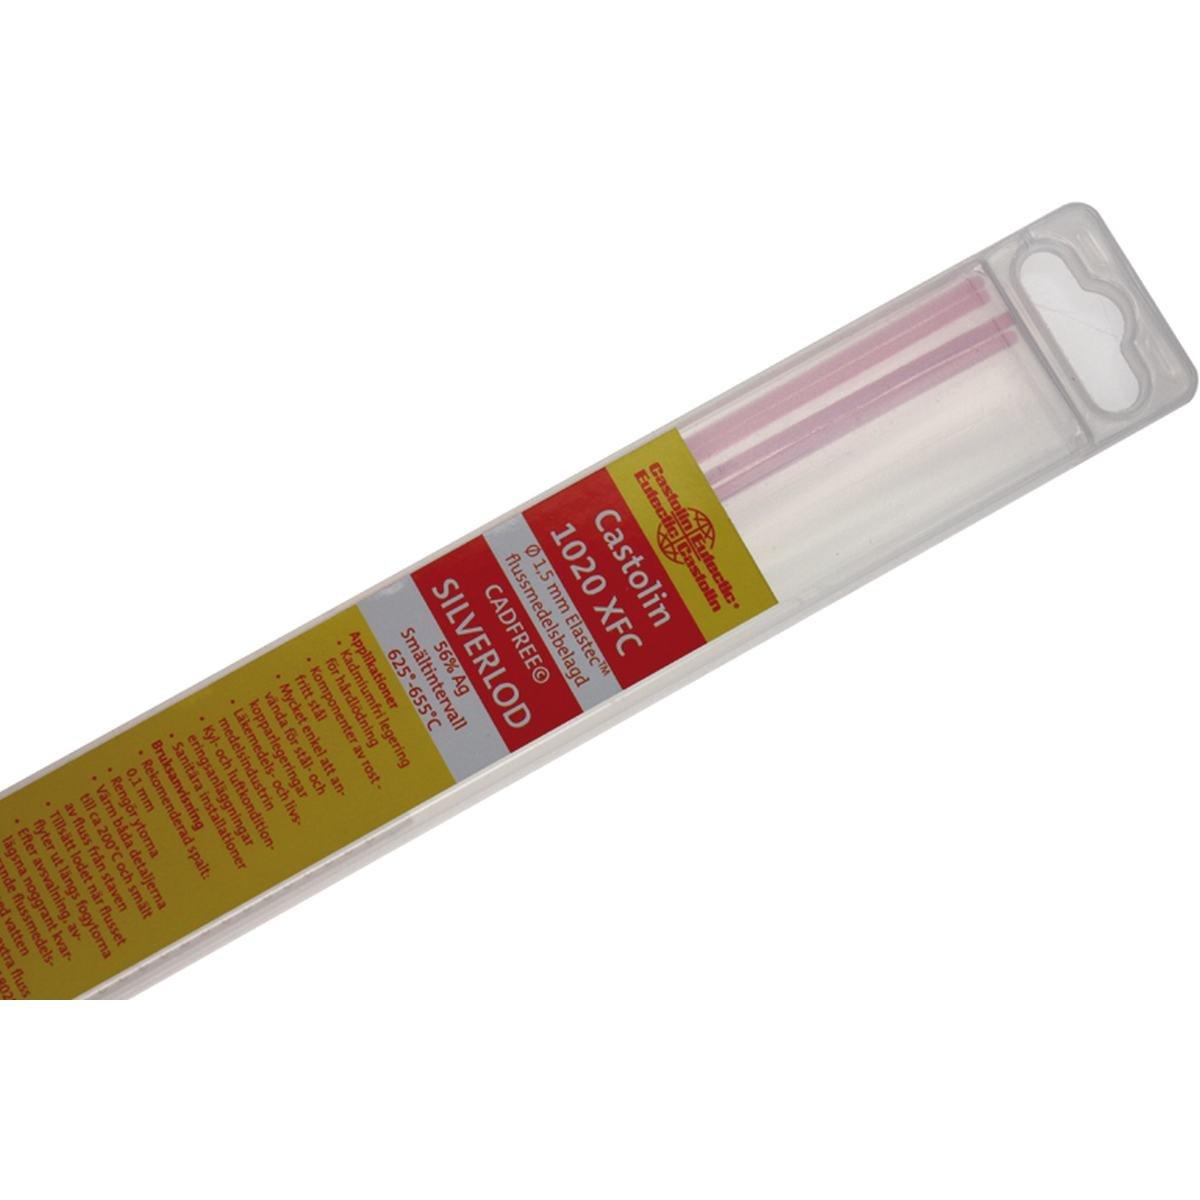 Sølvlod 1,5 mm. 57% Ag flussbelagt - 4 stave